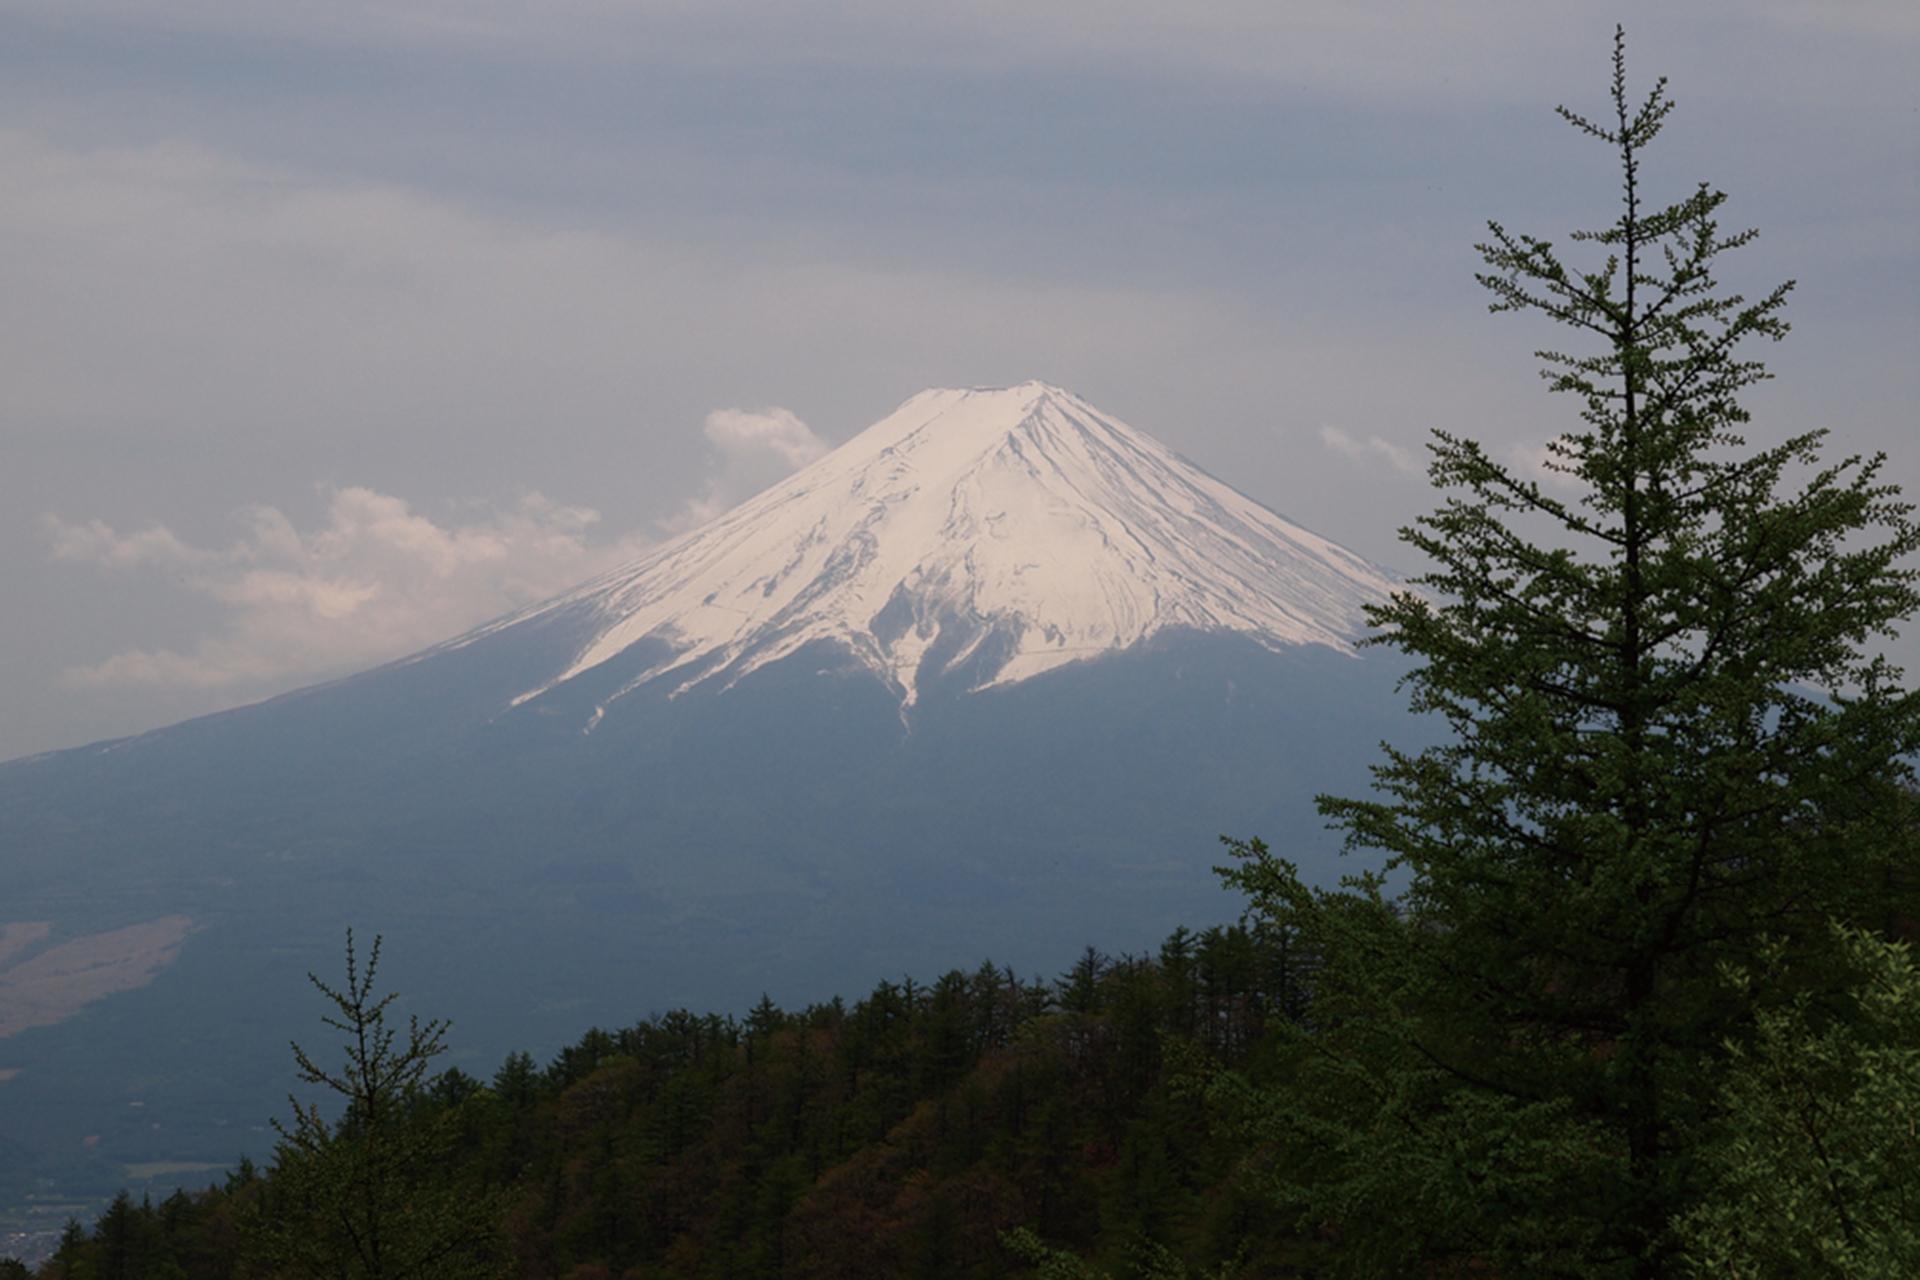 26-1 ビギナーにもおすすめ!日帰りでも楽しめる関東の絶景登山・ハイキングスポット10選